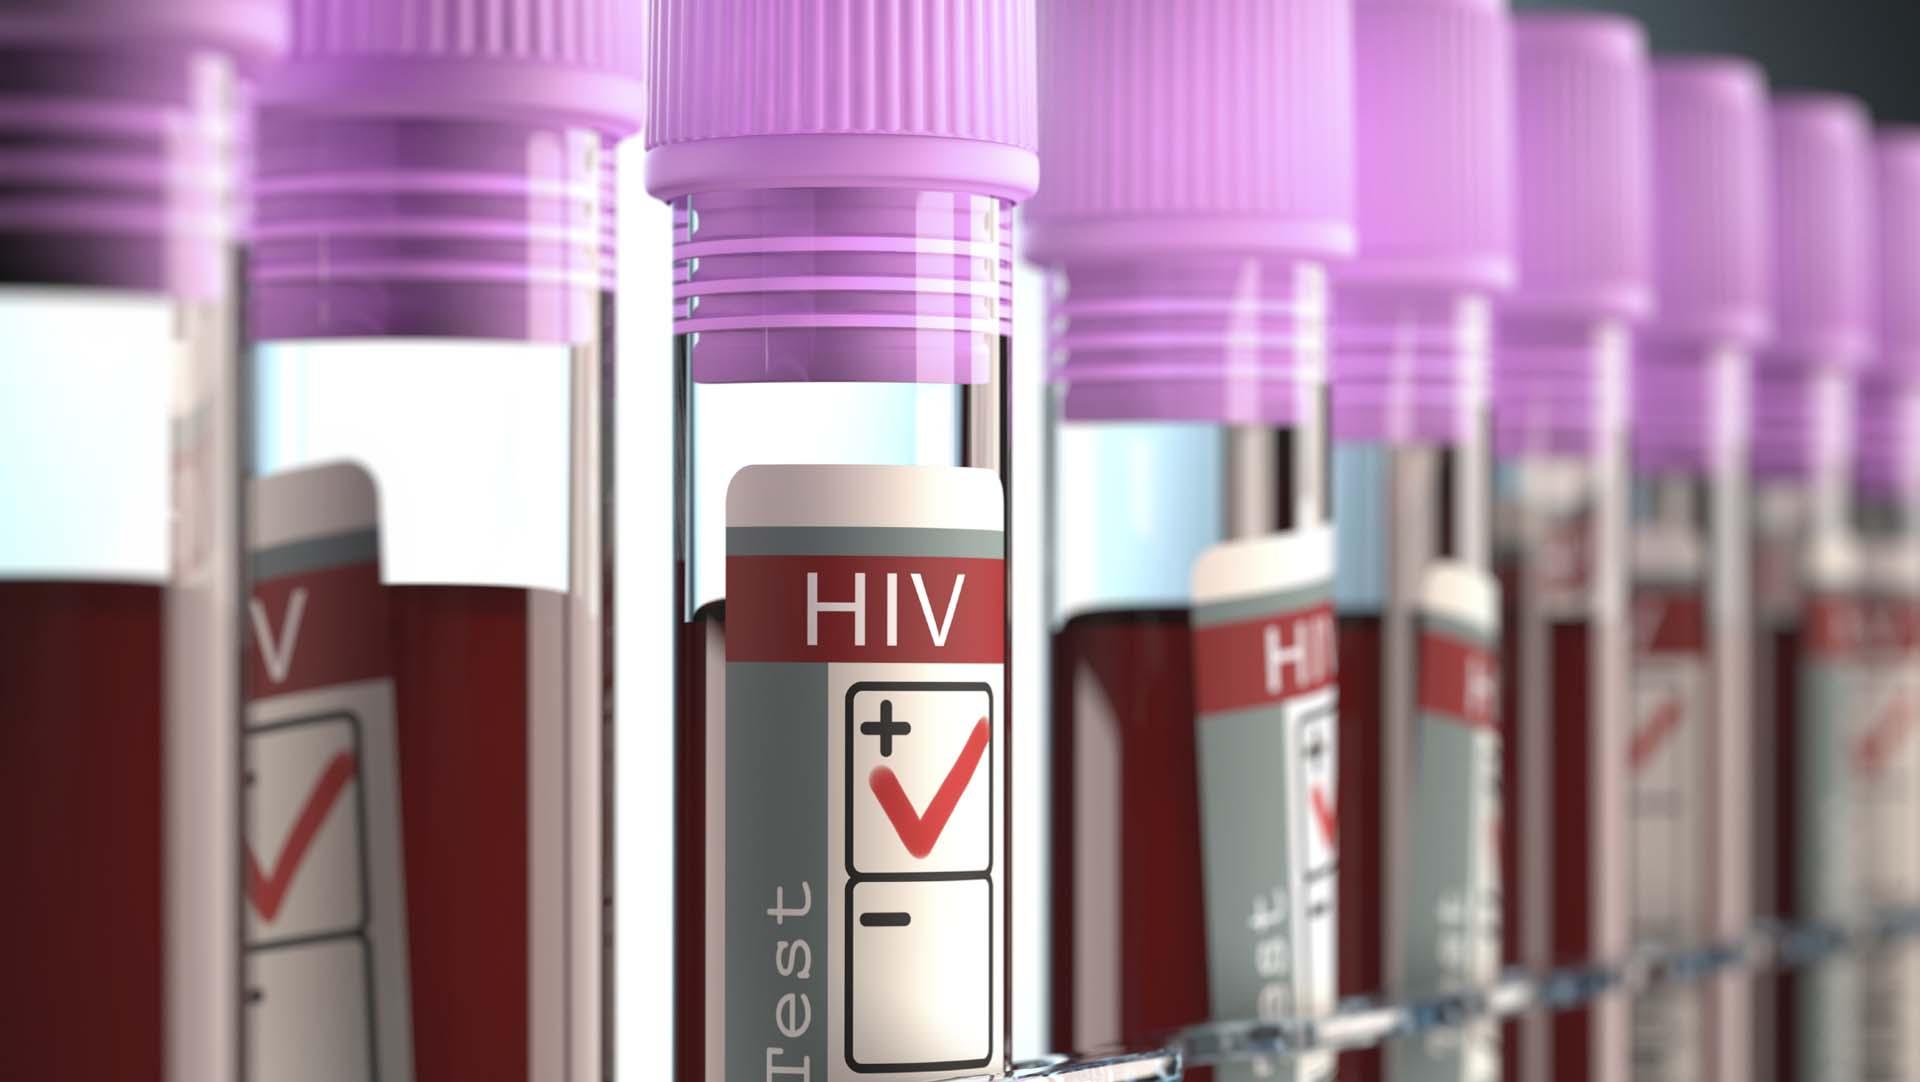 Avanzan las pruebas para la vacuna contra el VIH